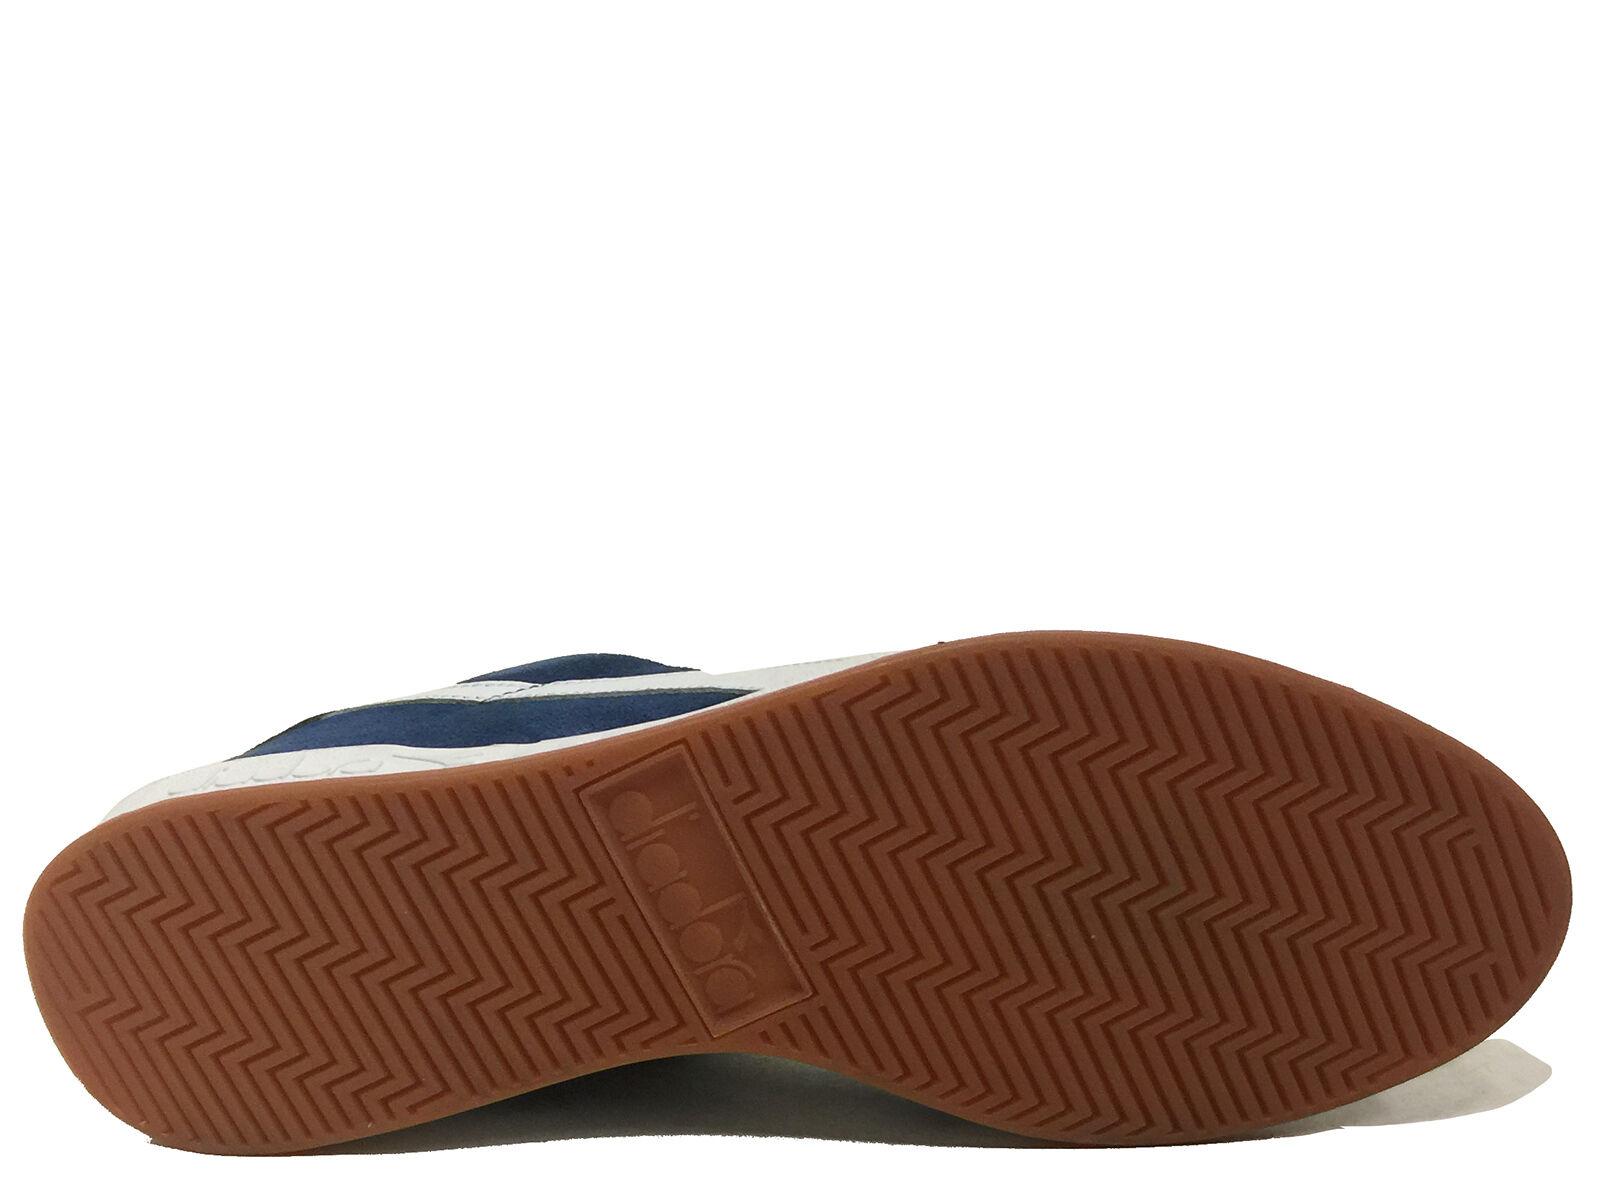 Uomo Brand New blu Diadora B. Original Athletic Athletic Athletic Fashion scarpe da ginnastica [C5901] 2a0ed9